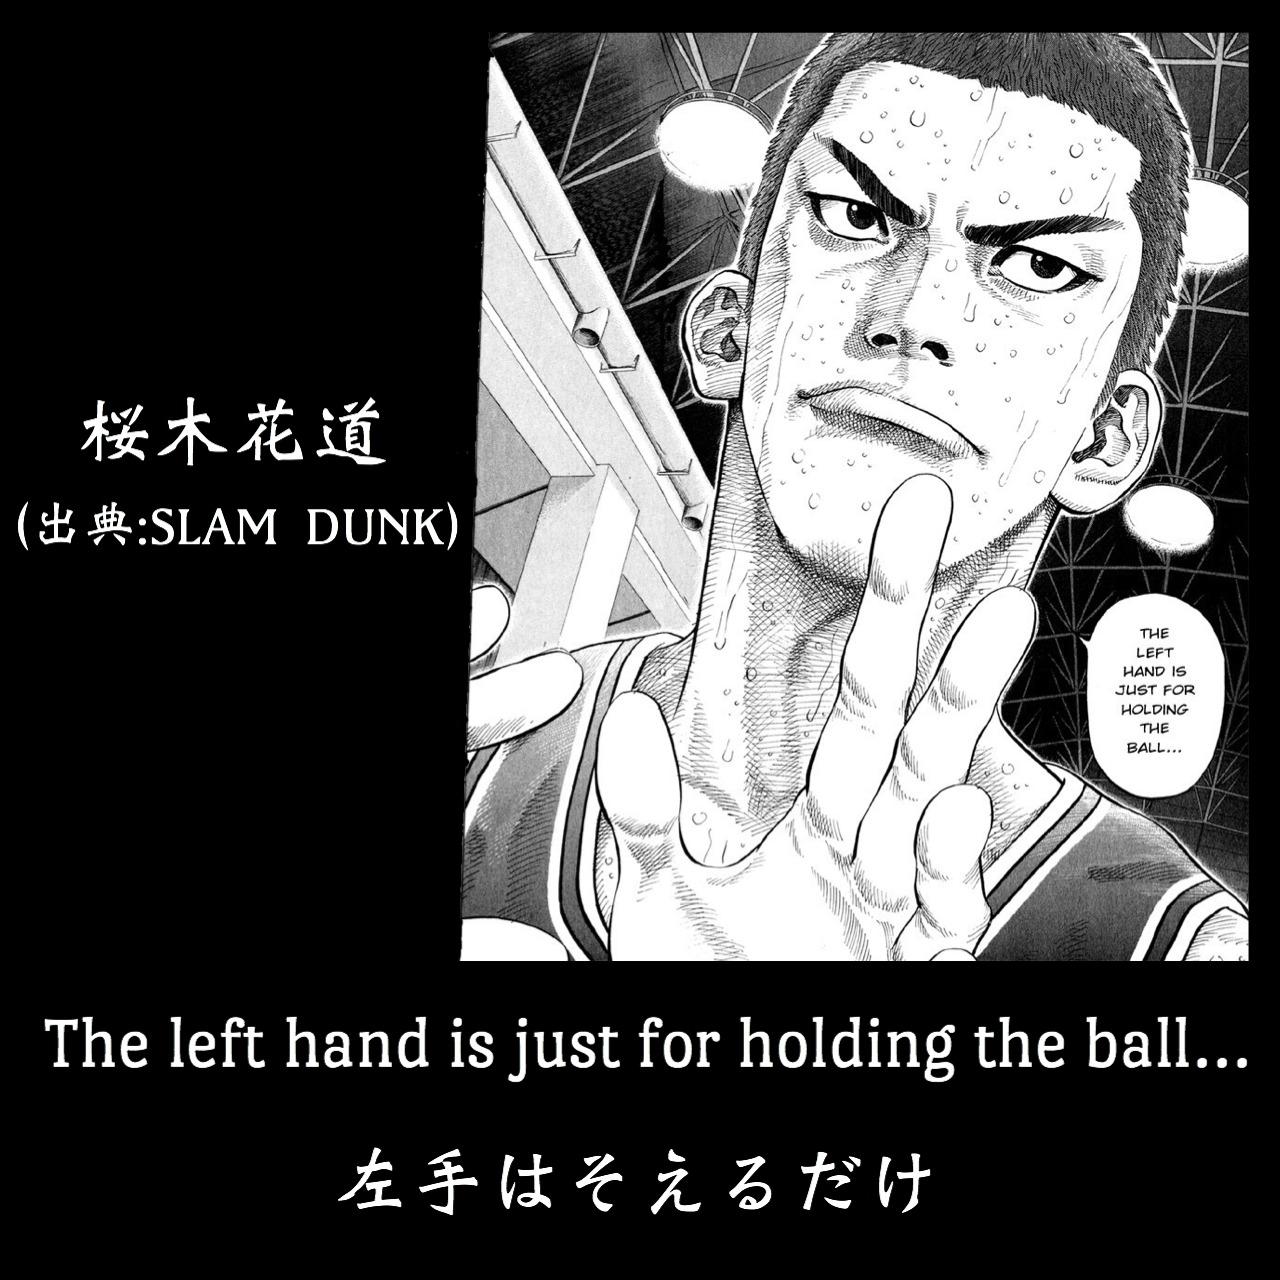 左手はそえるだけ / 桜木花道(出典:SLAM DUNK)